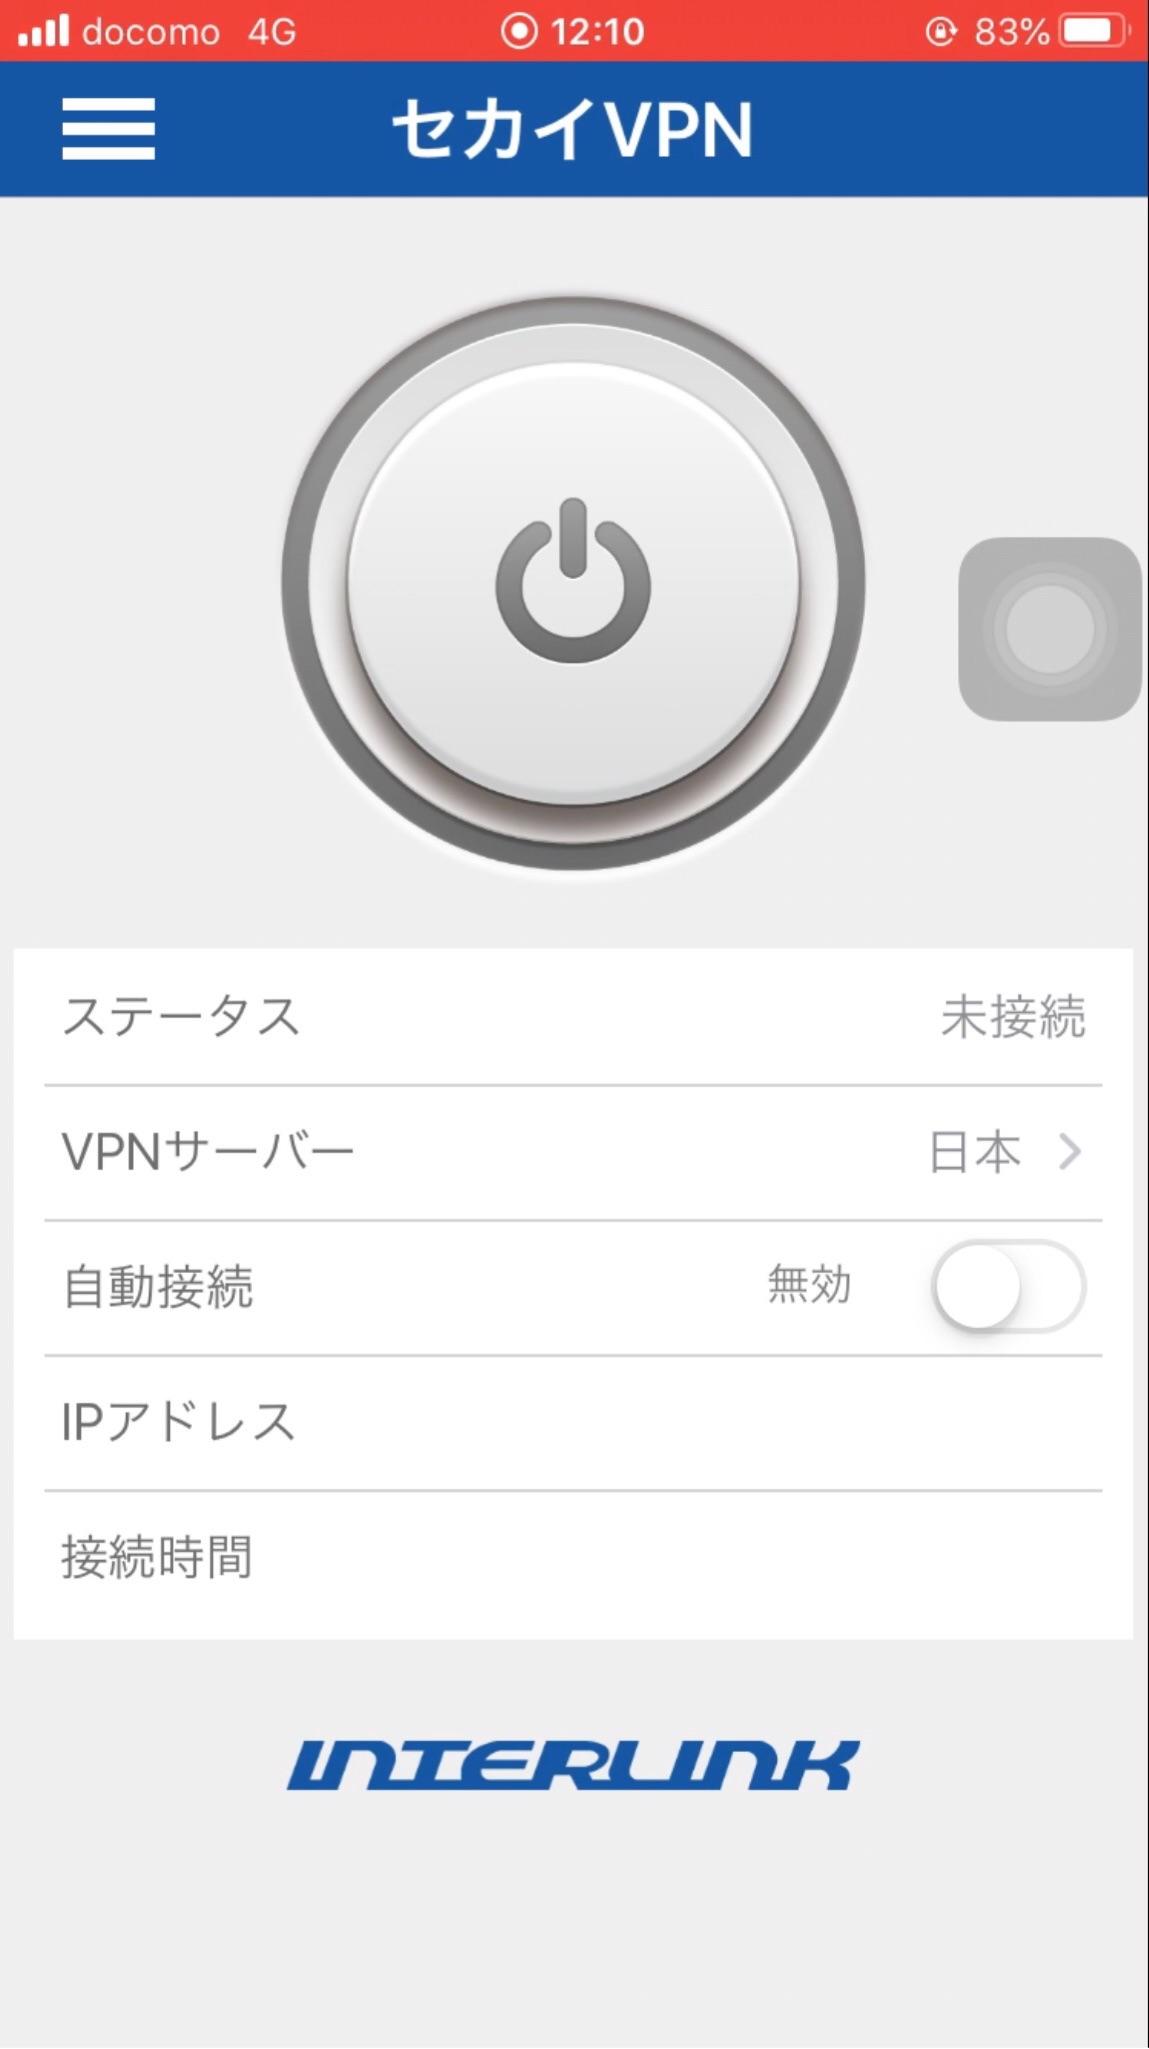 セカイVPNアプリを起動した画像